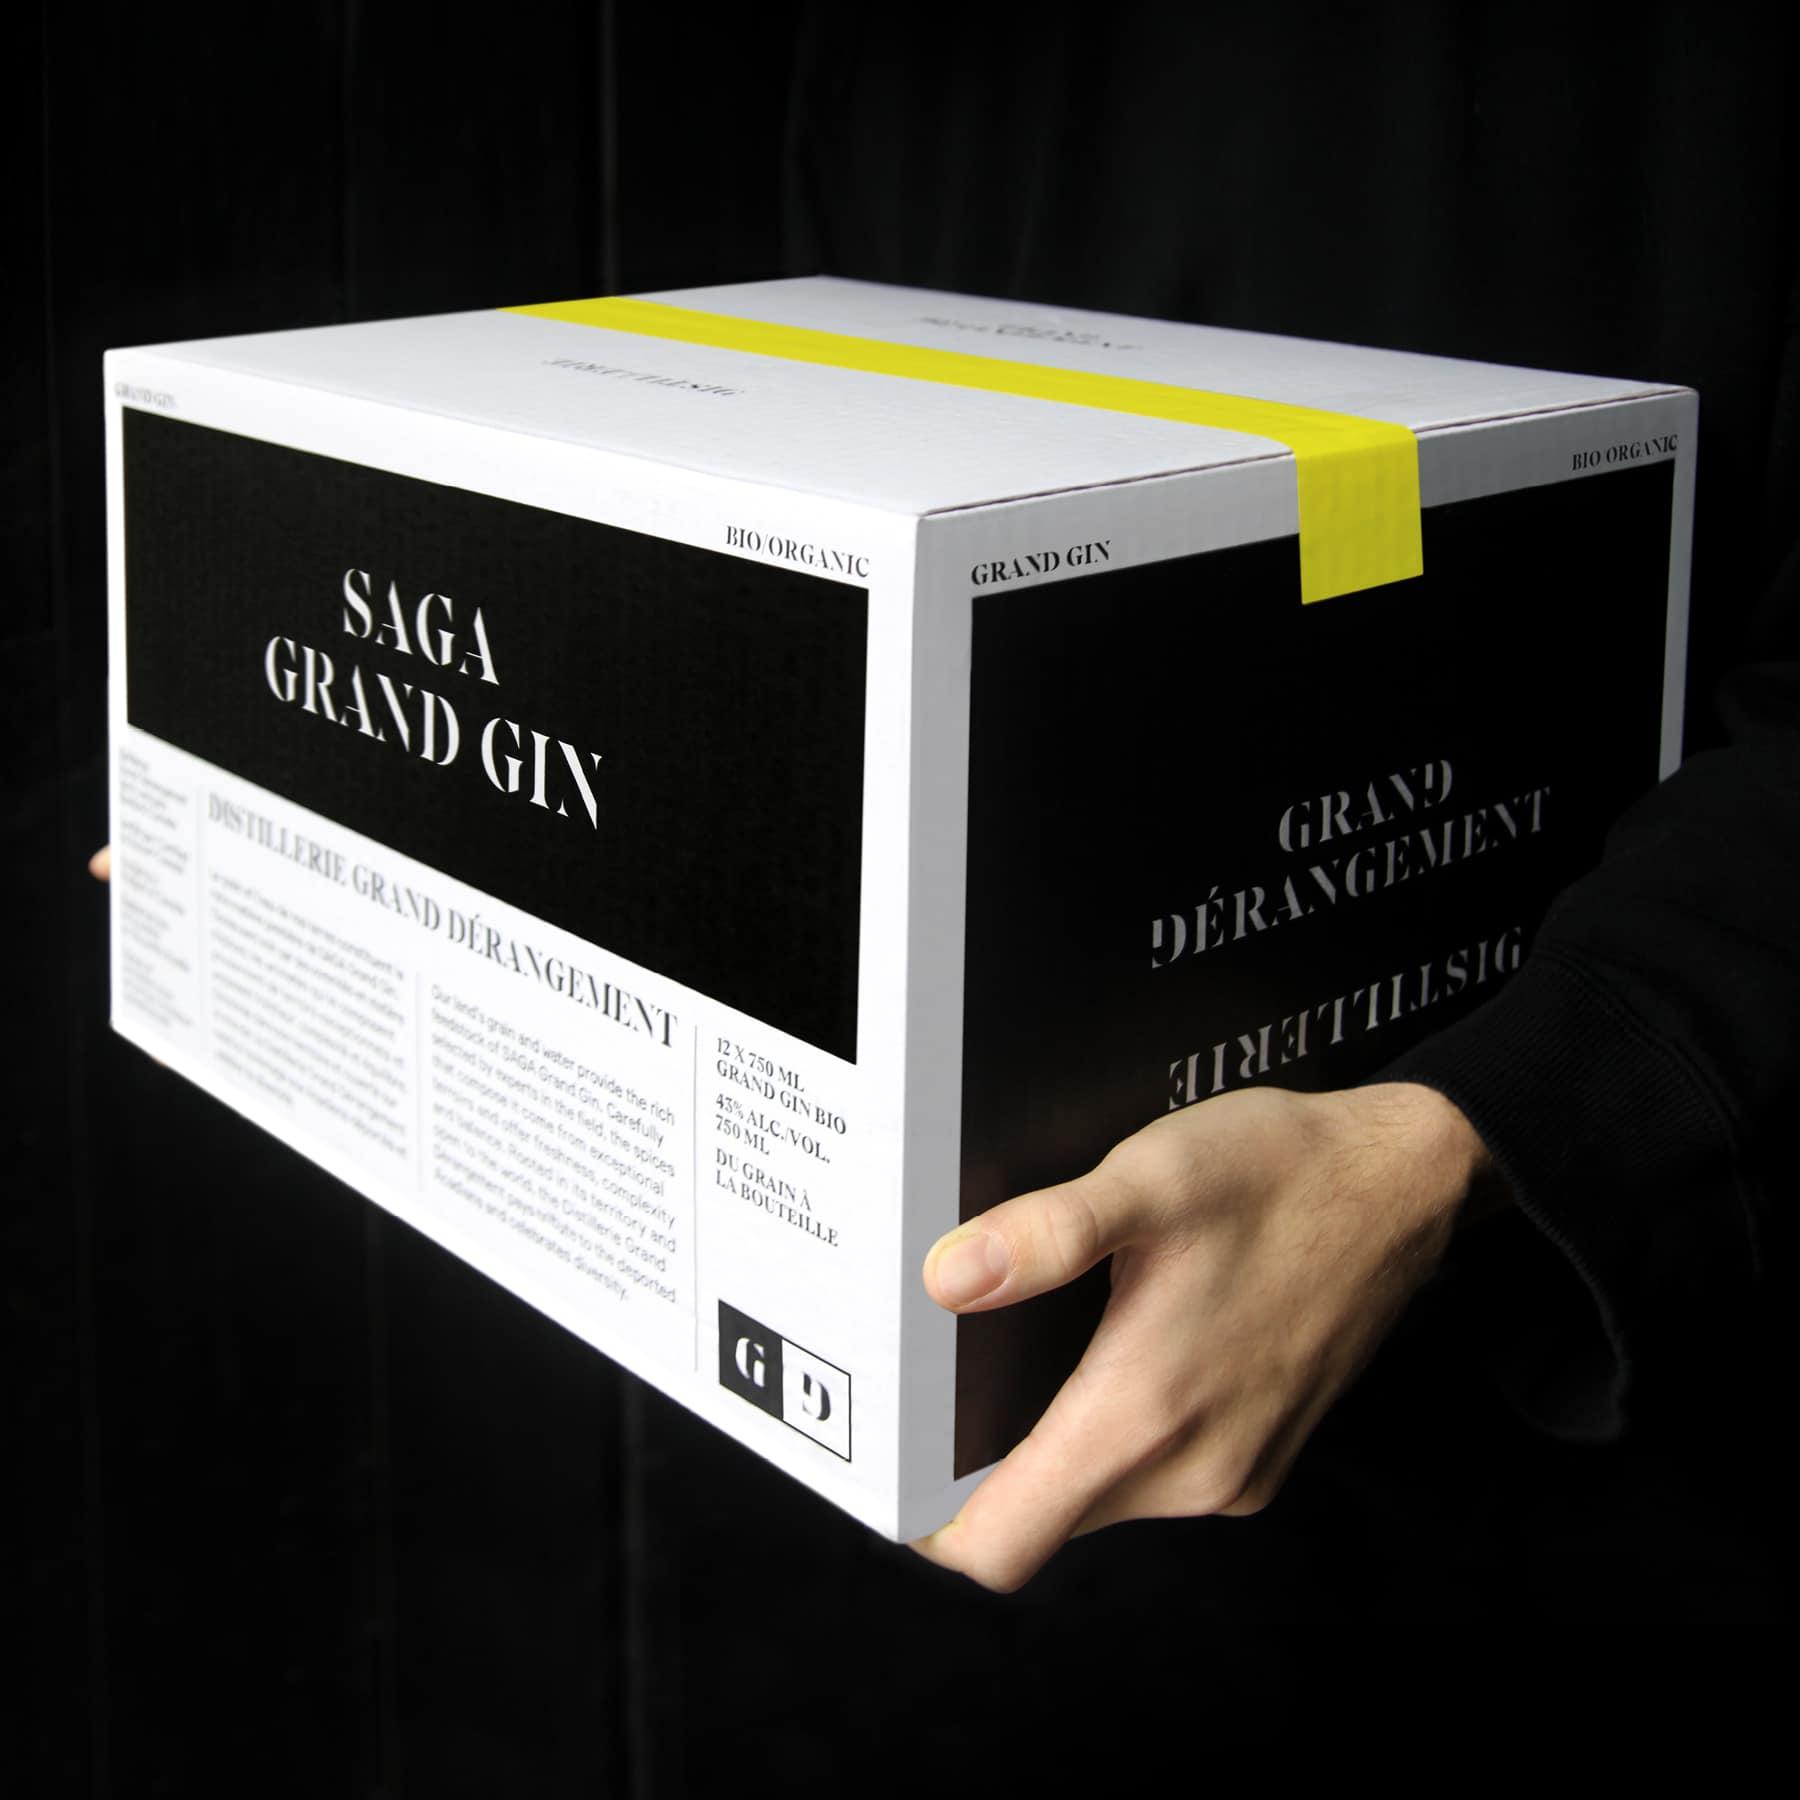 Saga grand gin